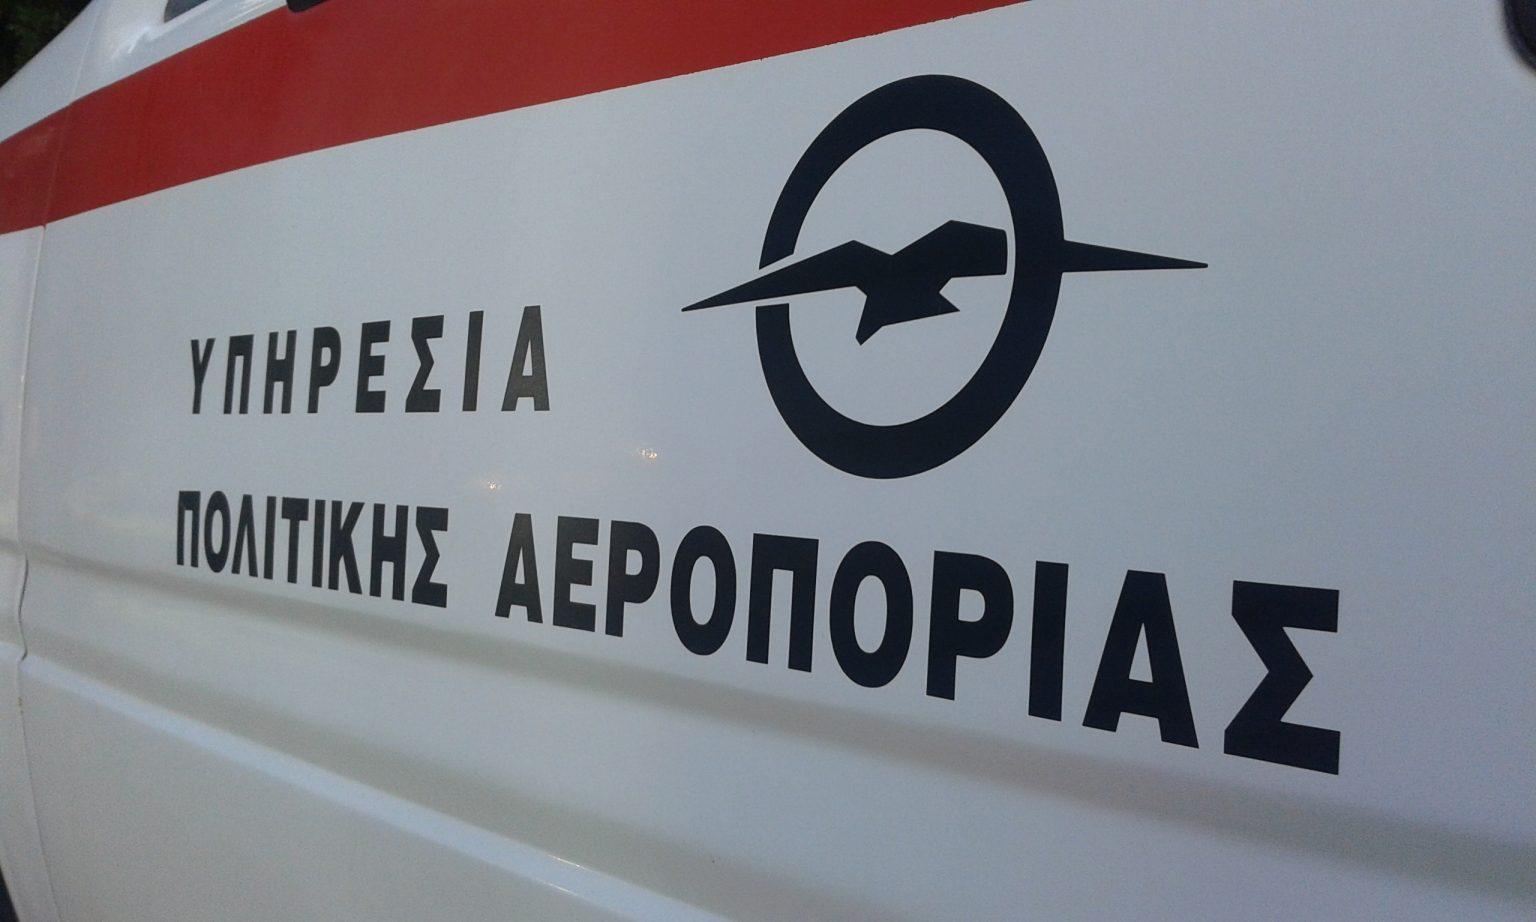 ΥΠΑ: Νέα παράταση αεροπορικών οδηγιών | Προϋποθέσεις εισόδου στη χώρα